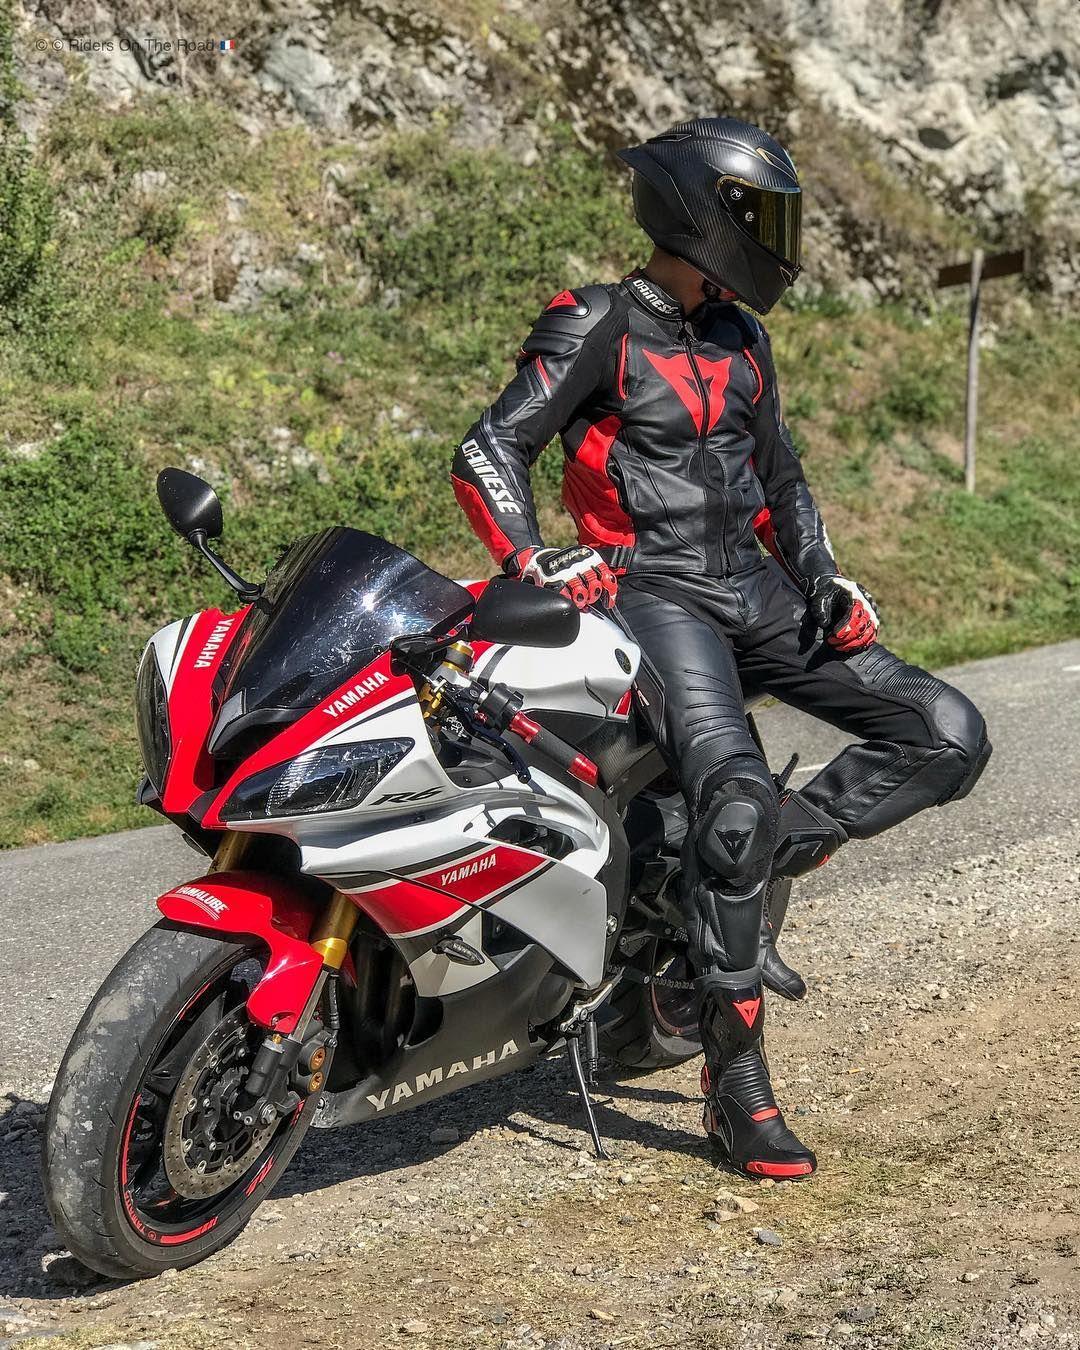 Sport Biker Gear Biker Gear Bike Leathers Bike Photoshoot